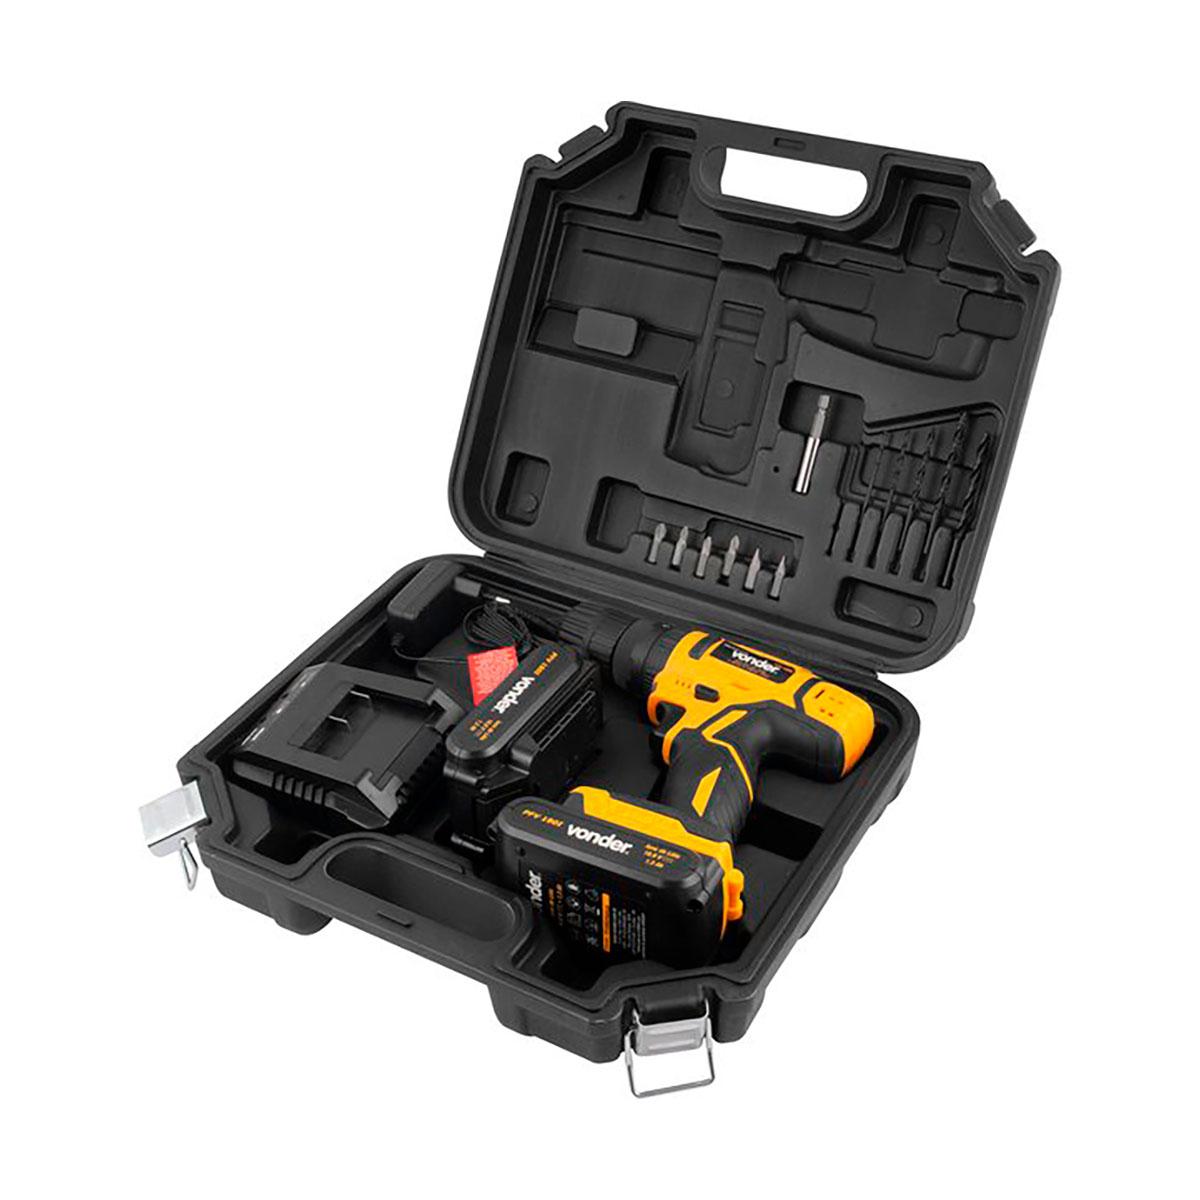 Parafusadeira furadeira vonder com impacto 02 bateria 18V carregador bivolt automático PFV 180I